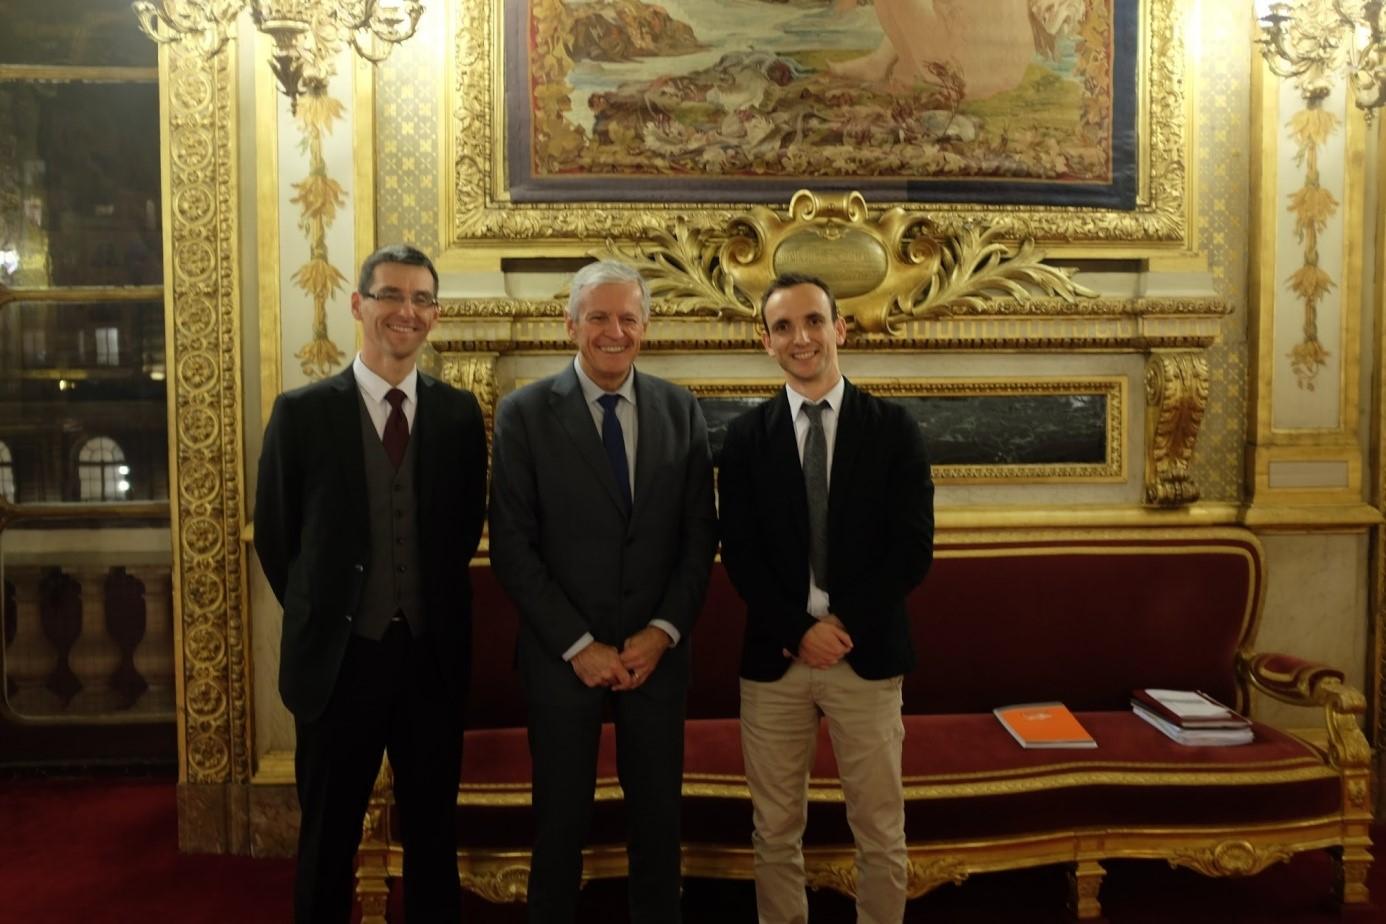 De droite à gauche : Fabien GUICHOU, Alain DURAN, et Stéphane BOURDONCLE dans la salle des Conférences au Sénat.